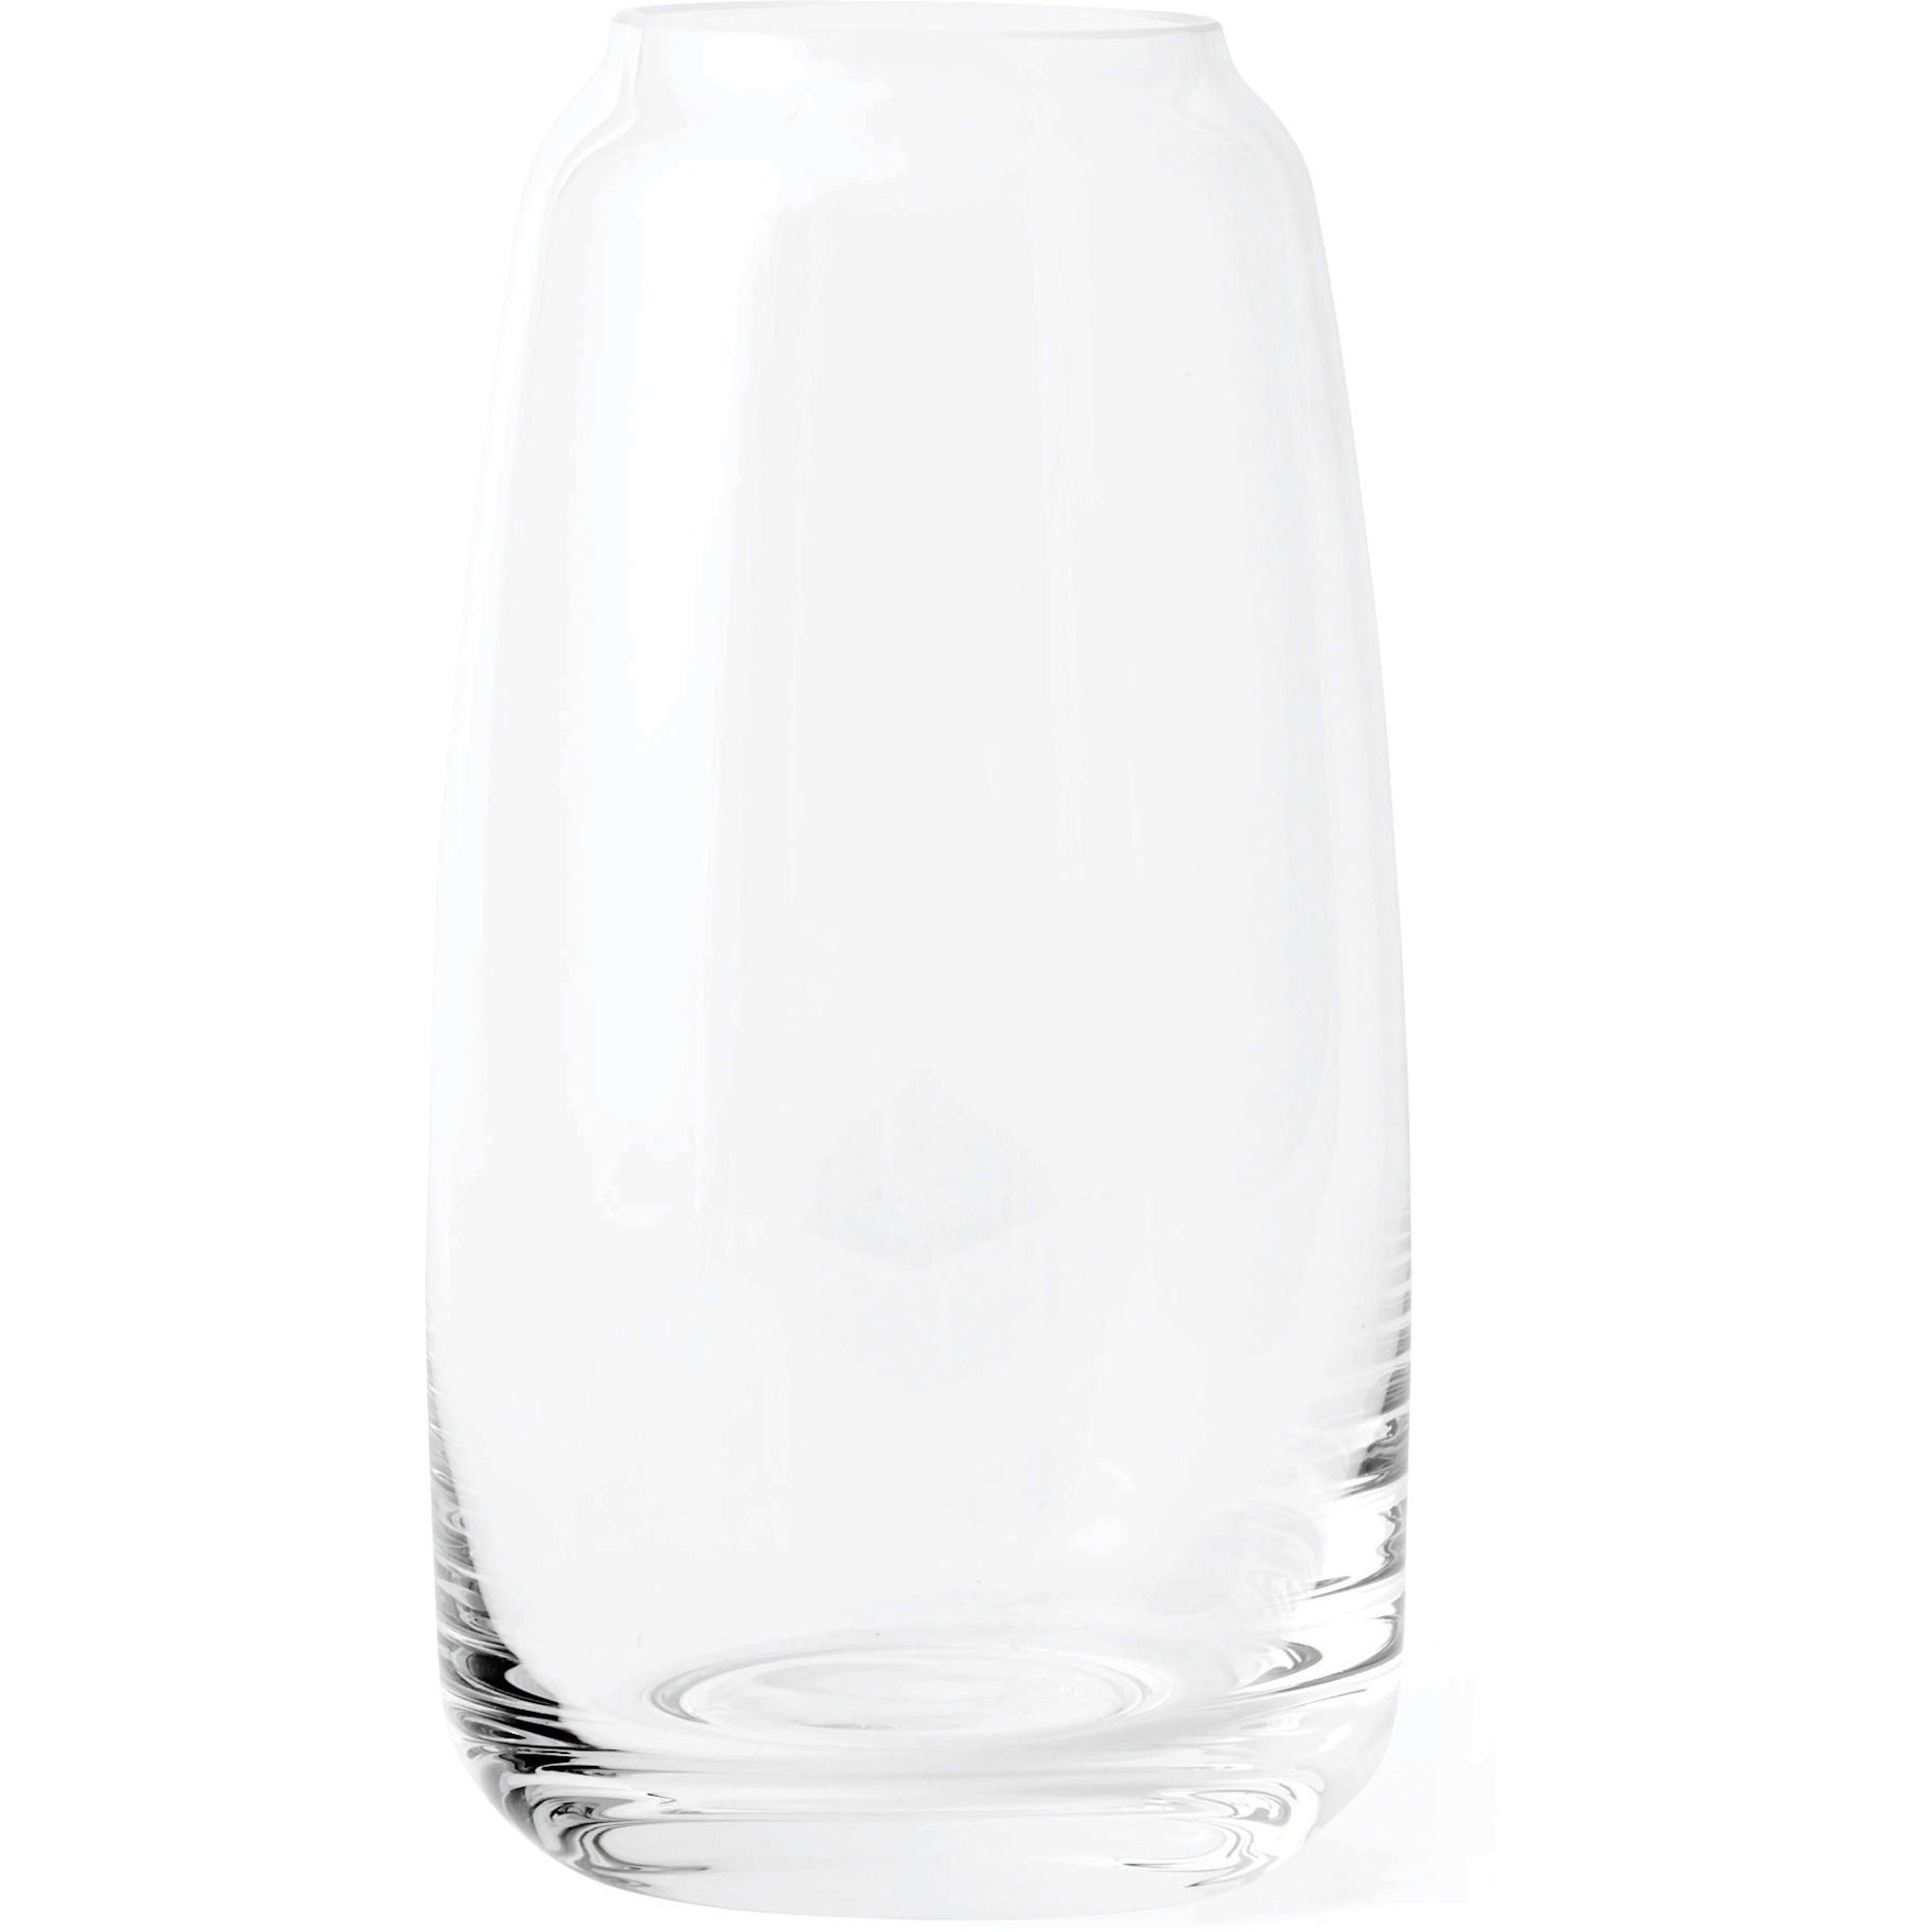 Lyngby Porcelæn Form 130/2 vas